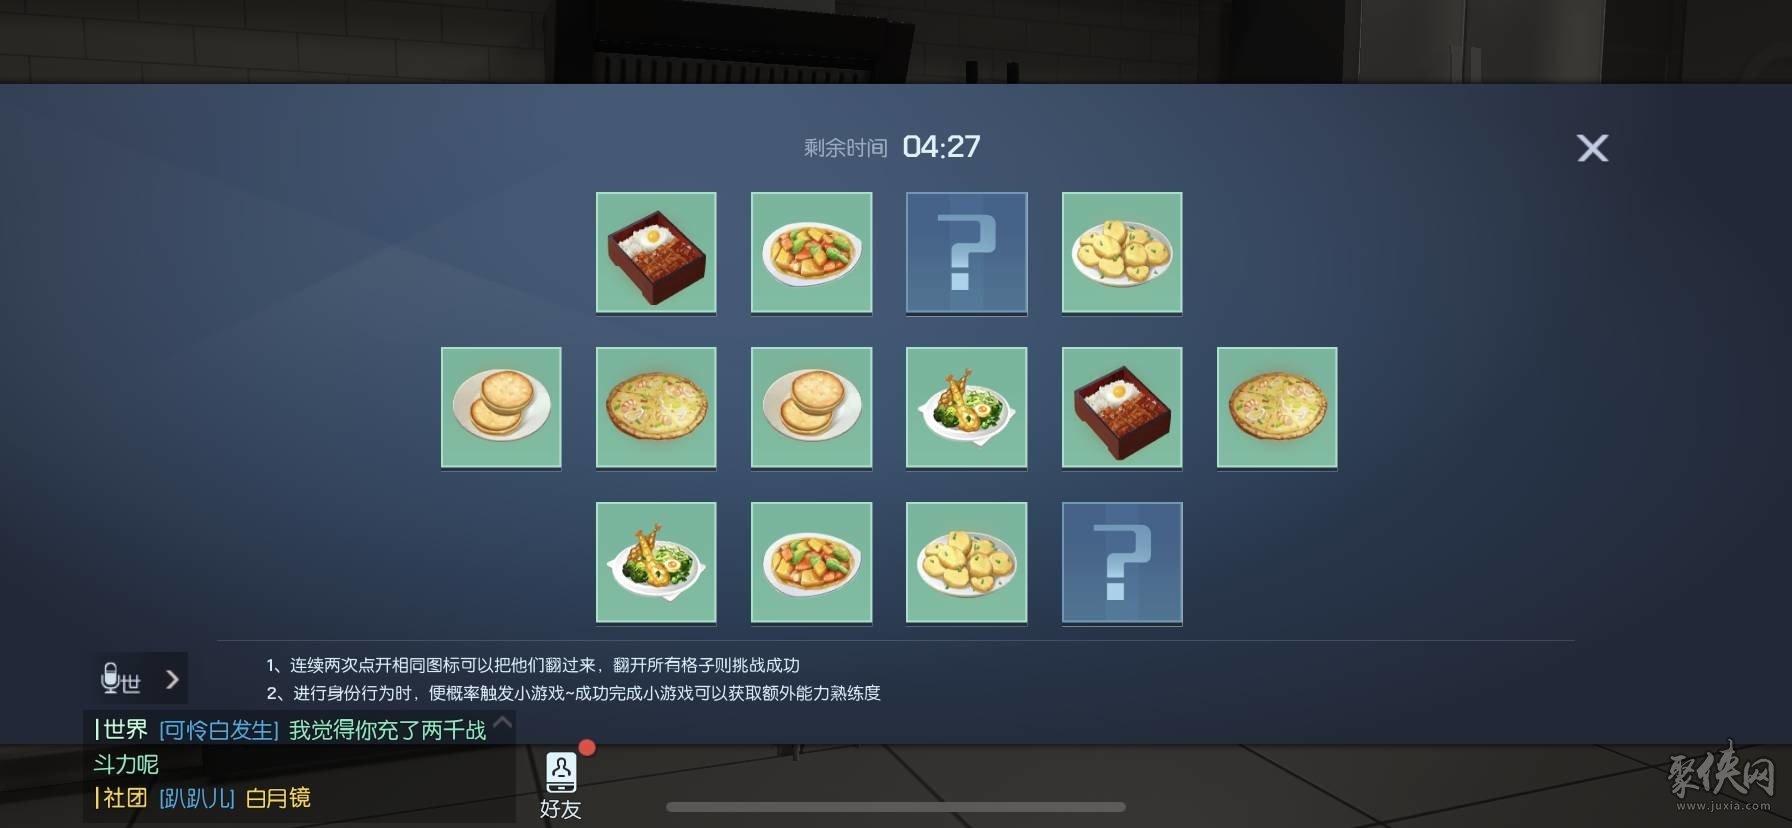 龙族幻想菠萝飞饼 料理菠萝飞饼怎么做